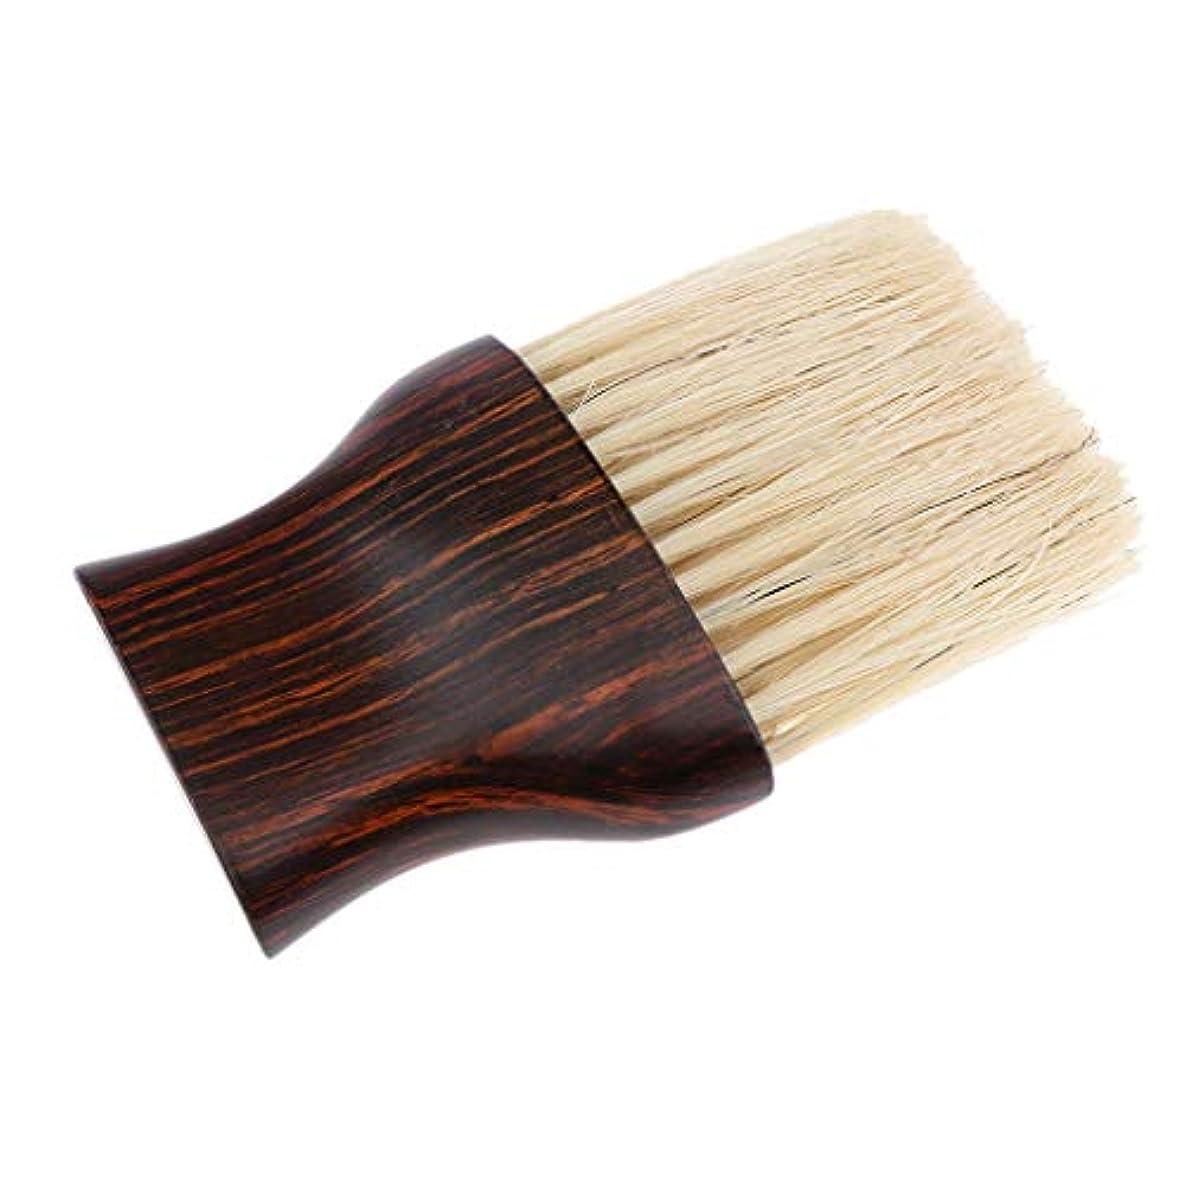 コピー溶接キャップネックダスターブラシ ヘアカットブラシ クリーニング ヘアブラシ 理髪美容ツール